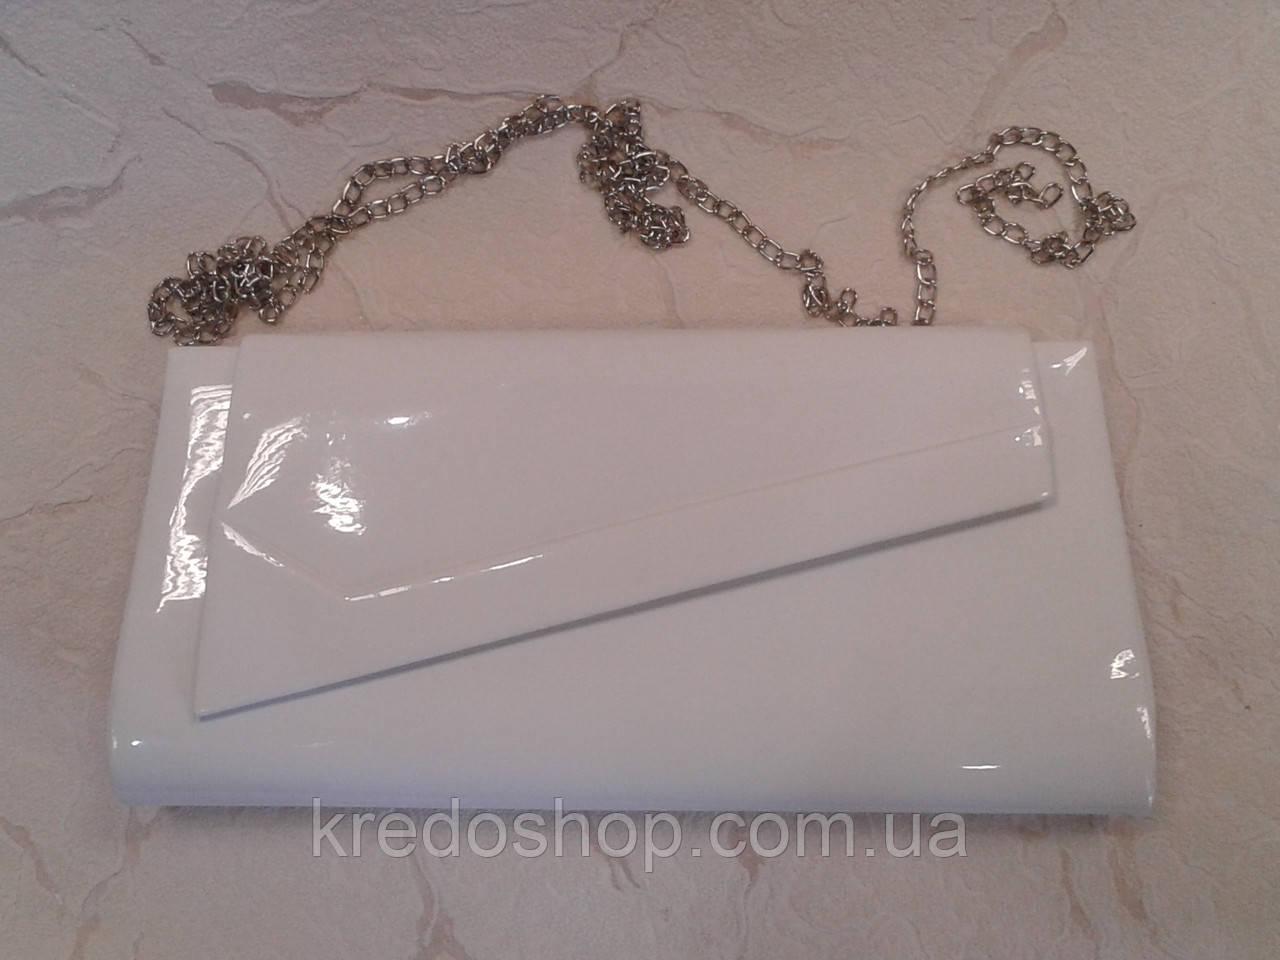 2fbe78517c72 Клатч женский белый лаковый,элегантный стильный(Турция) - Интернет-магазин  сумок и